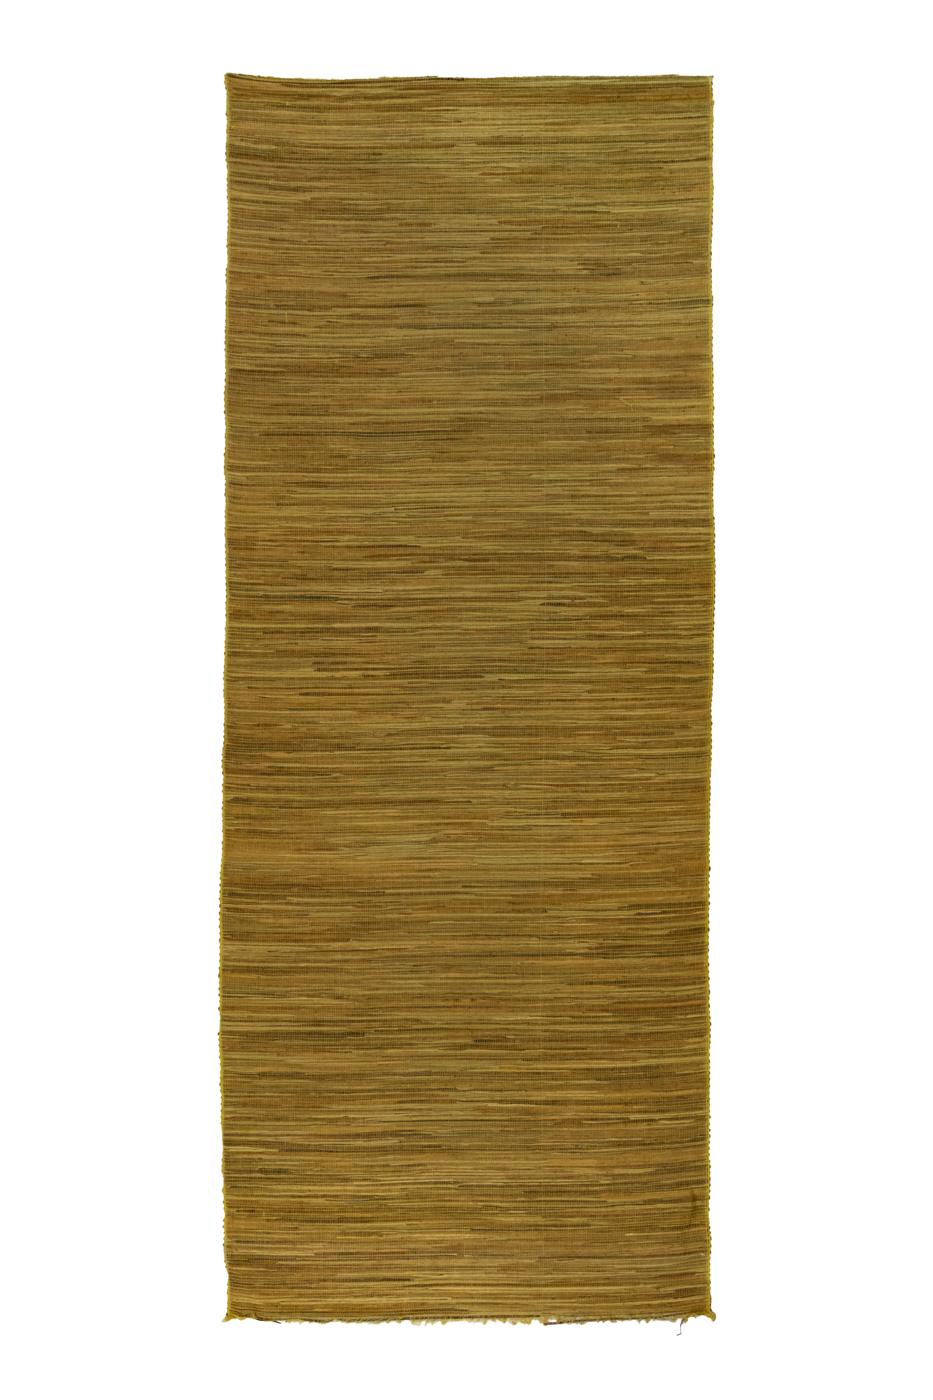 Green bamboo mat